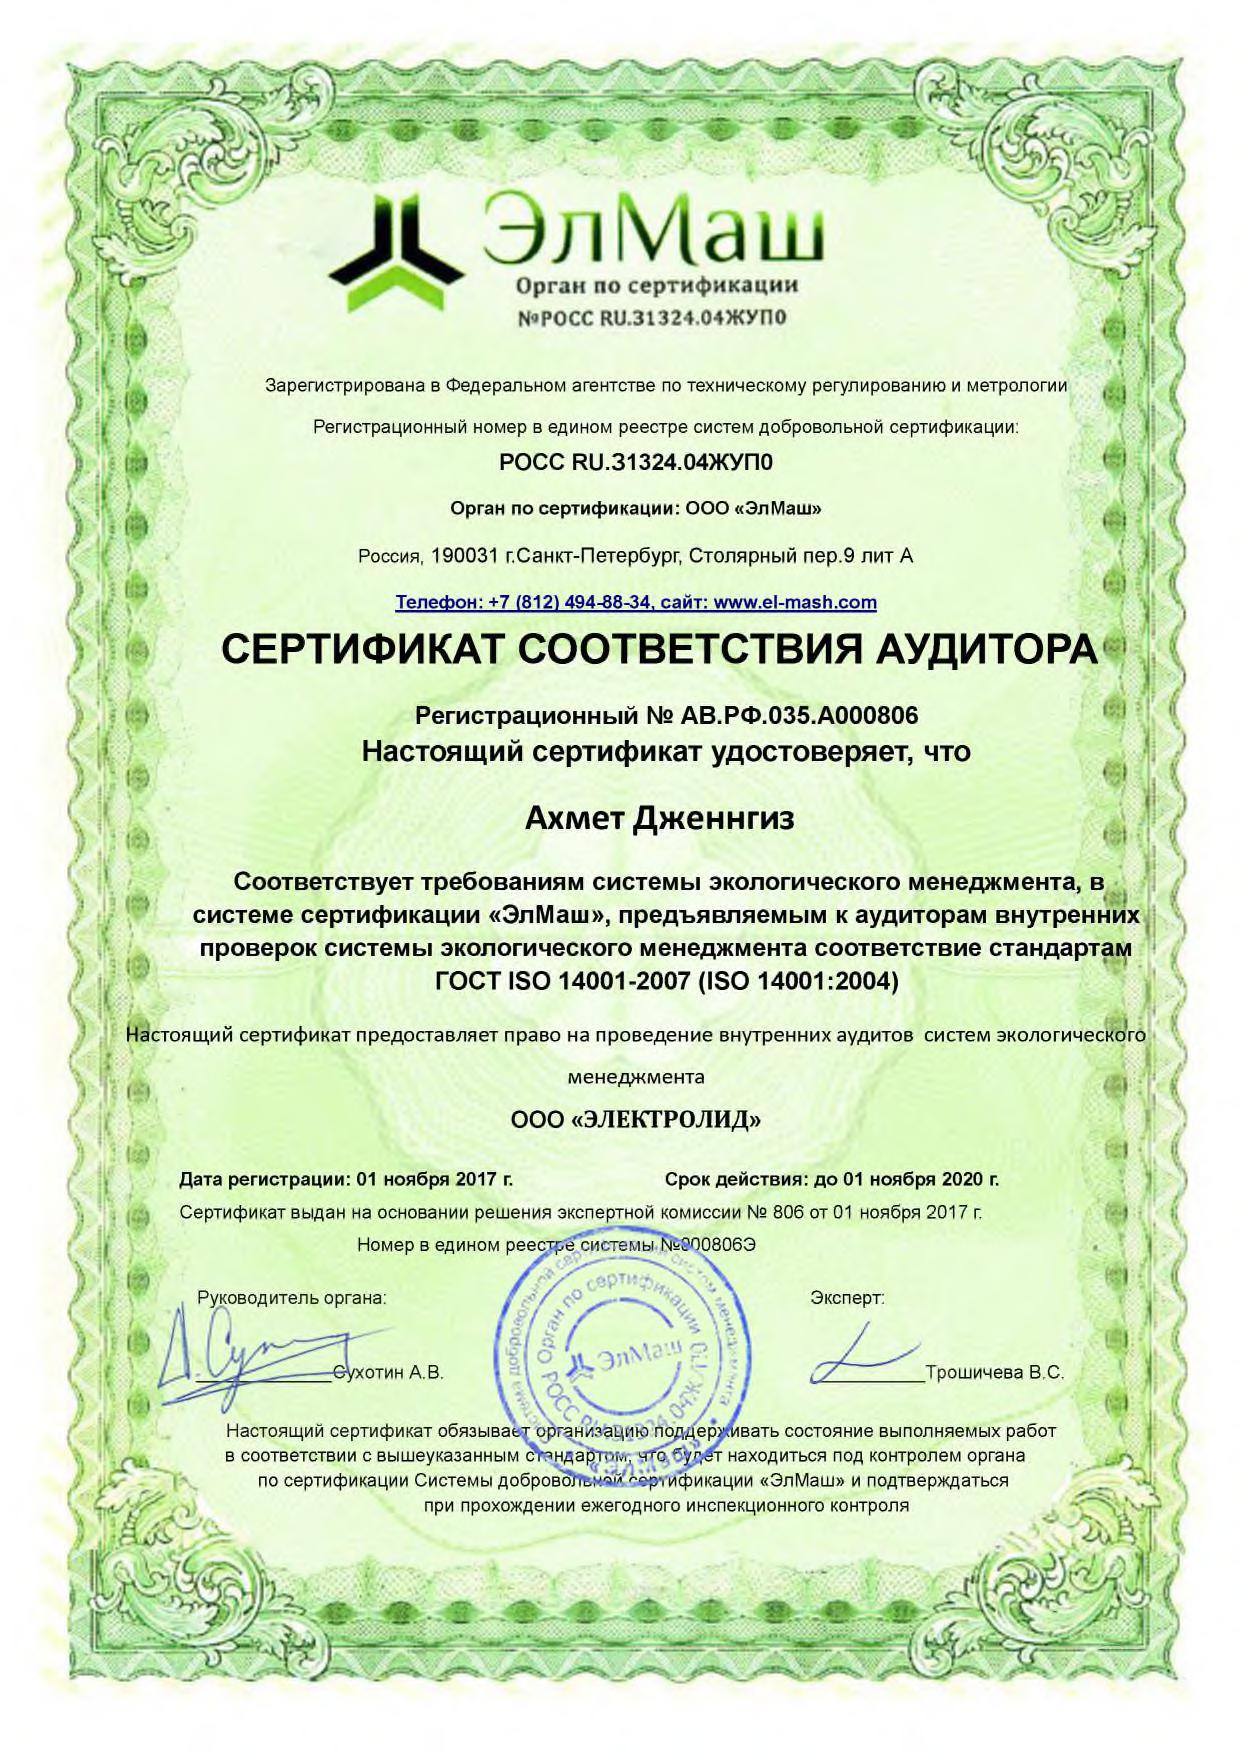 Сертификат соответствия аудитора Ахмет Дженгиз